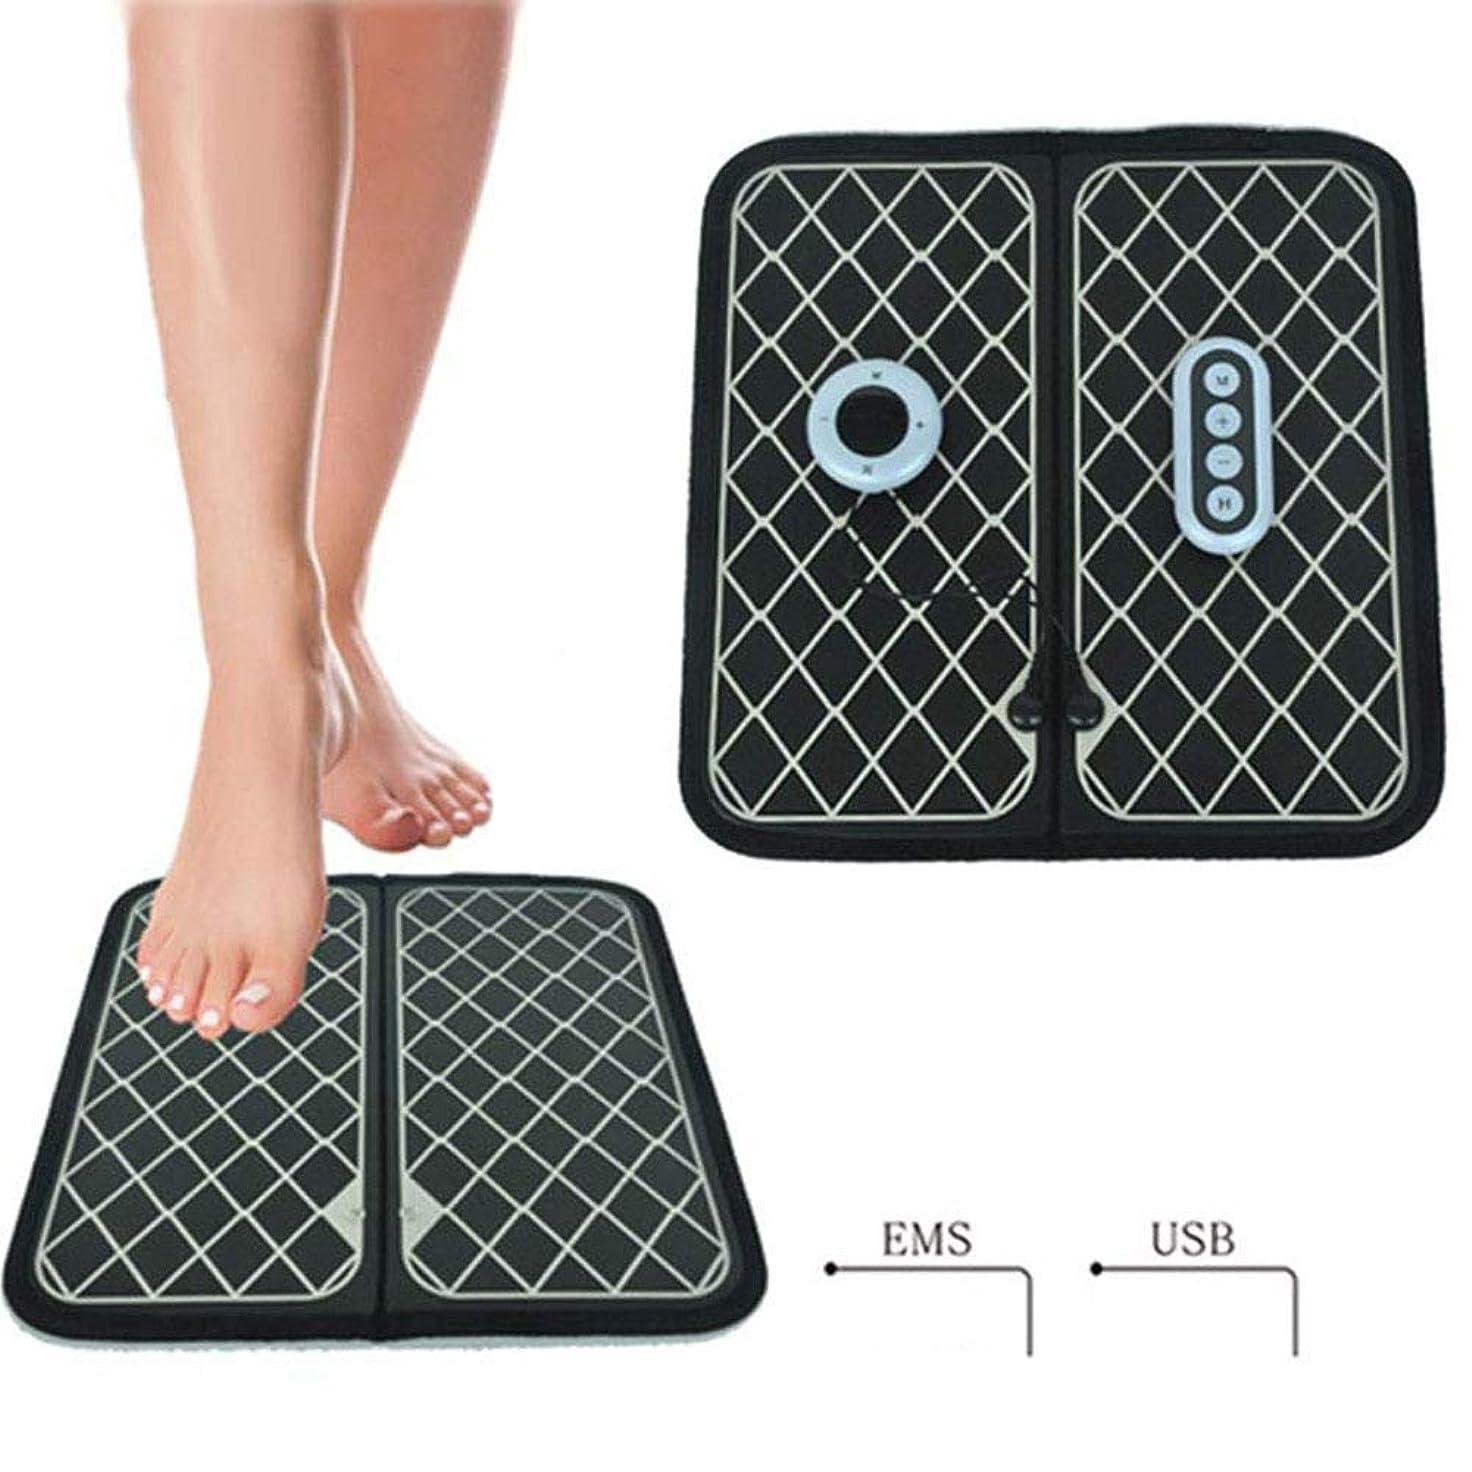 浸食マチュピチュ過激派フットマッサージャーEMSフットサイクルUSBマッサージャー充電式電磁筋肉刺激により、痛みを軽減し、血液循環を改善し、足の疲労を軽減します